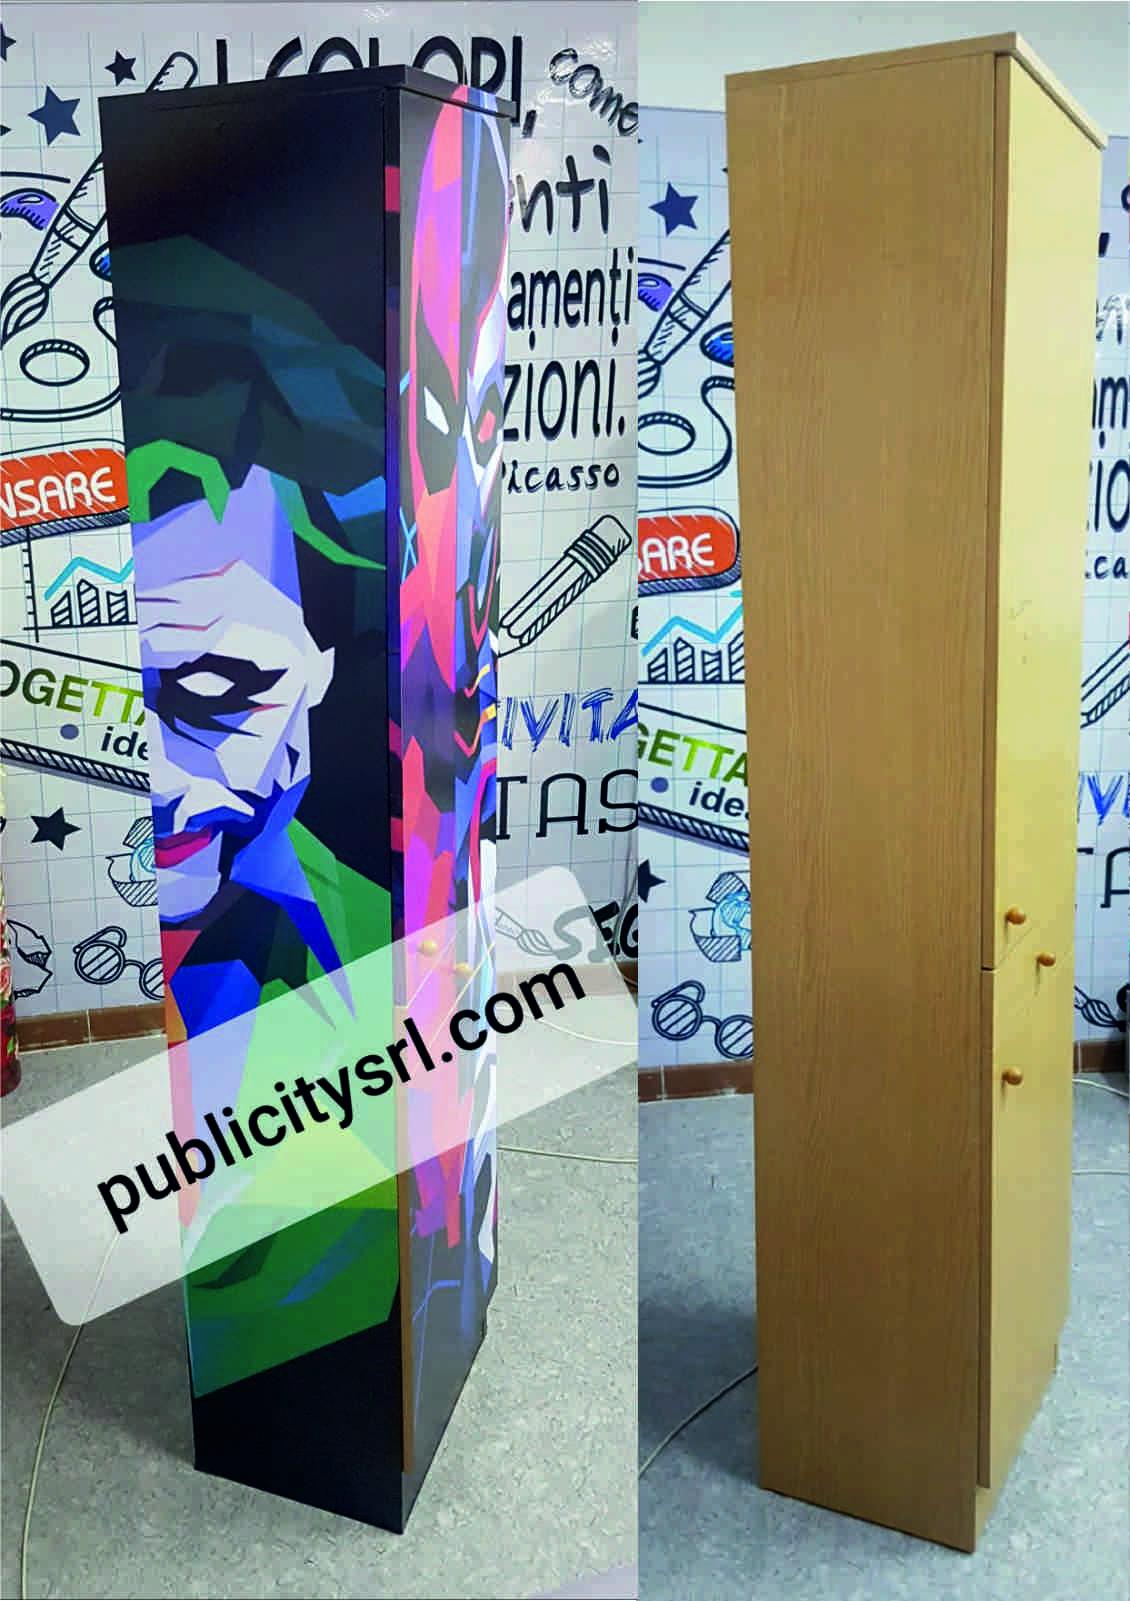 adesivi personalizzati, stickers customized, applicato su mobile in legno